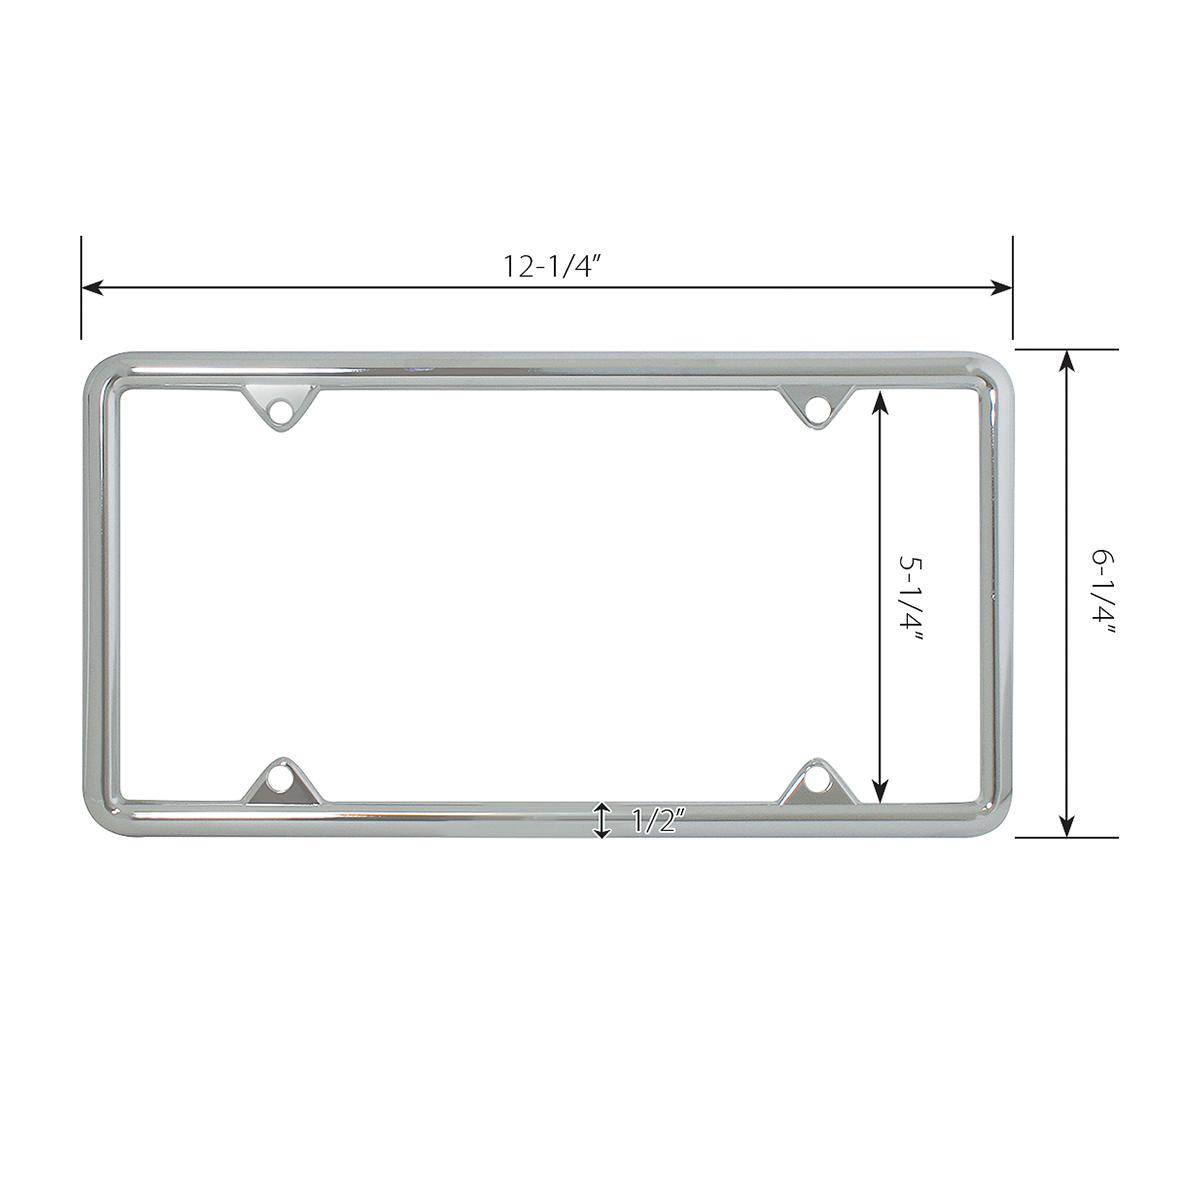 60061 Economic Chrome Zinc Classic 4-Hole License Plate Frames - Measurements